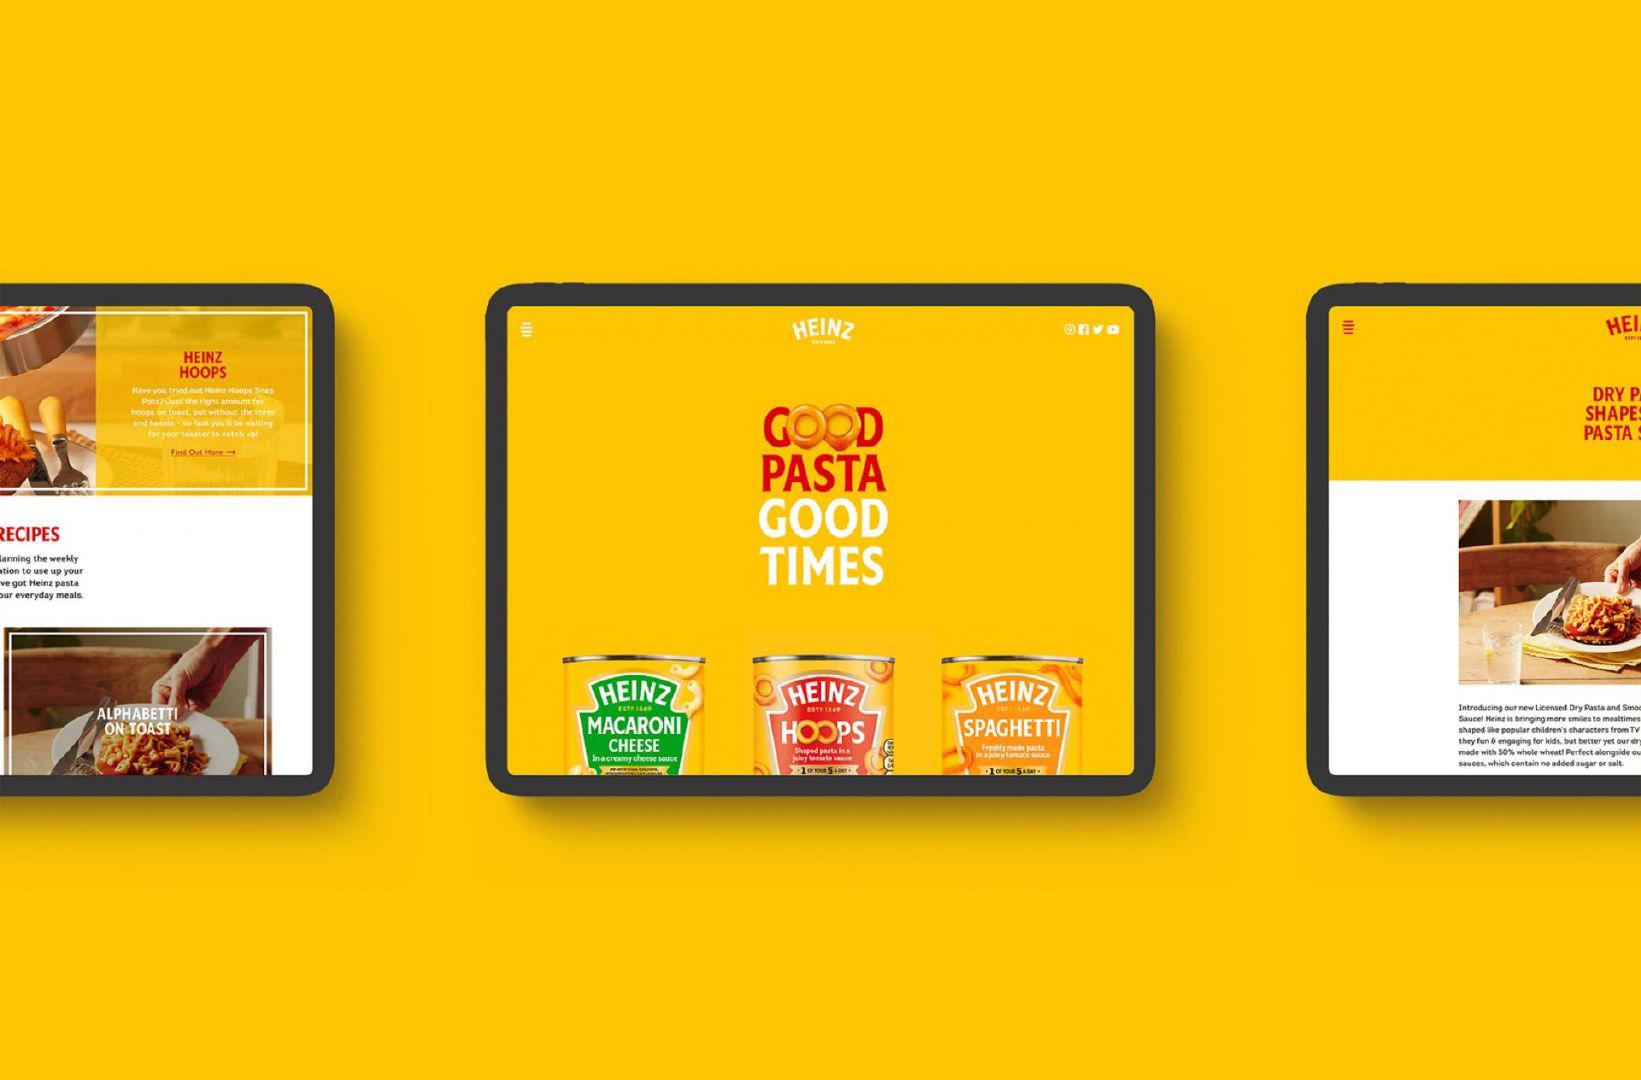 品牌设计·官方网站的商业地位-上海野火创意